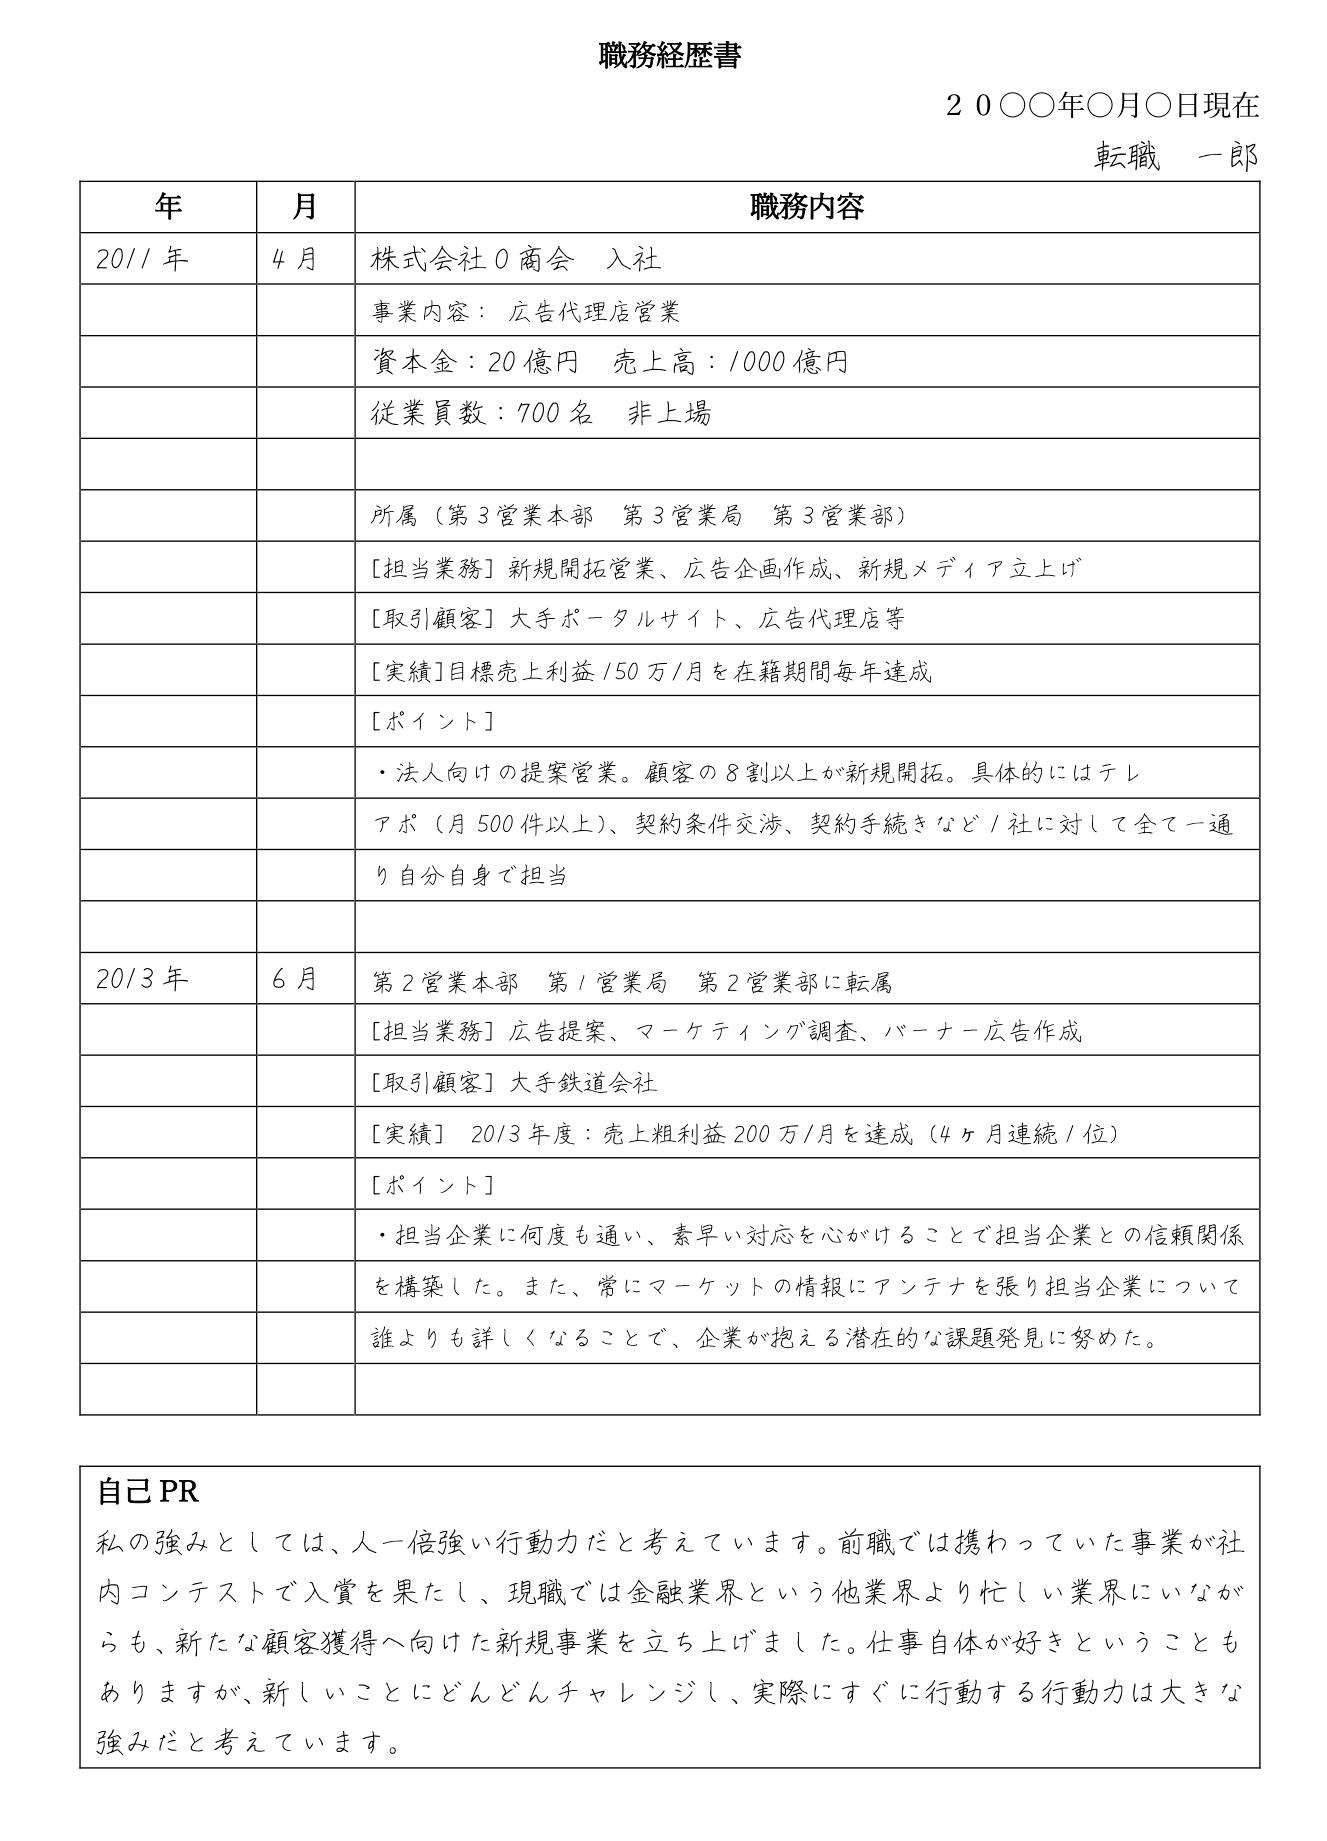 手書きの職務経歴書の見本